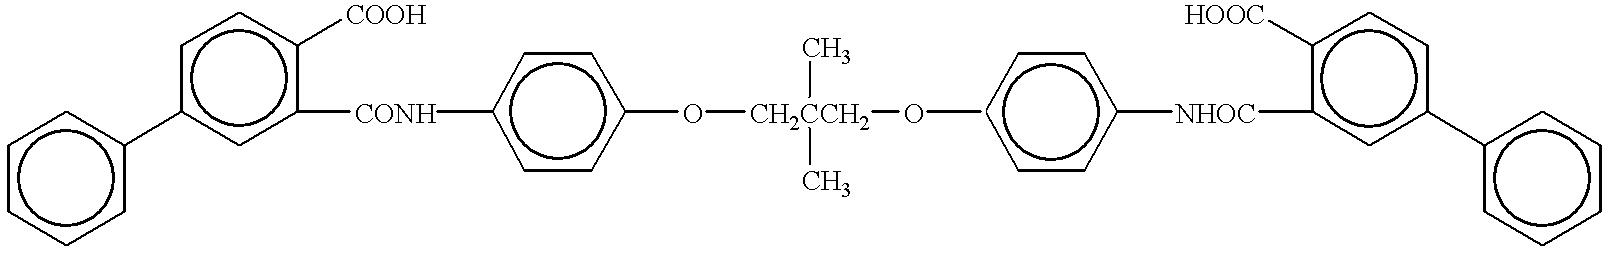 Figure US06180560-20010130-C00460